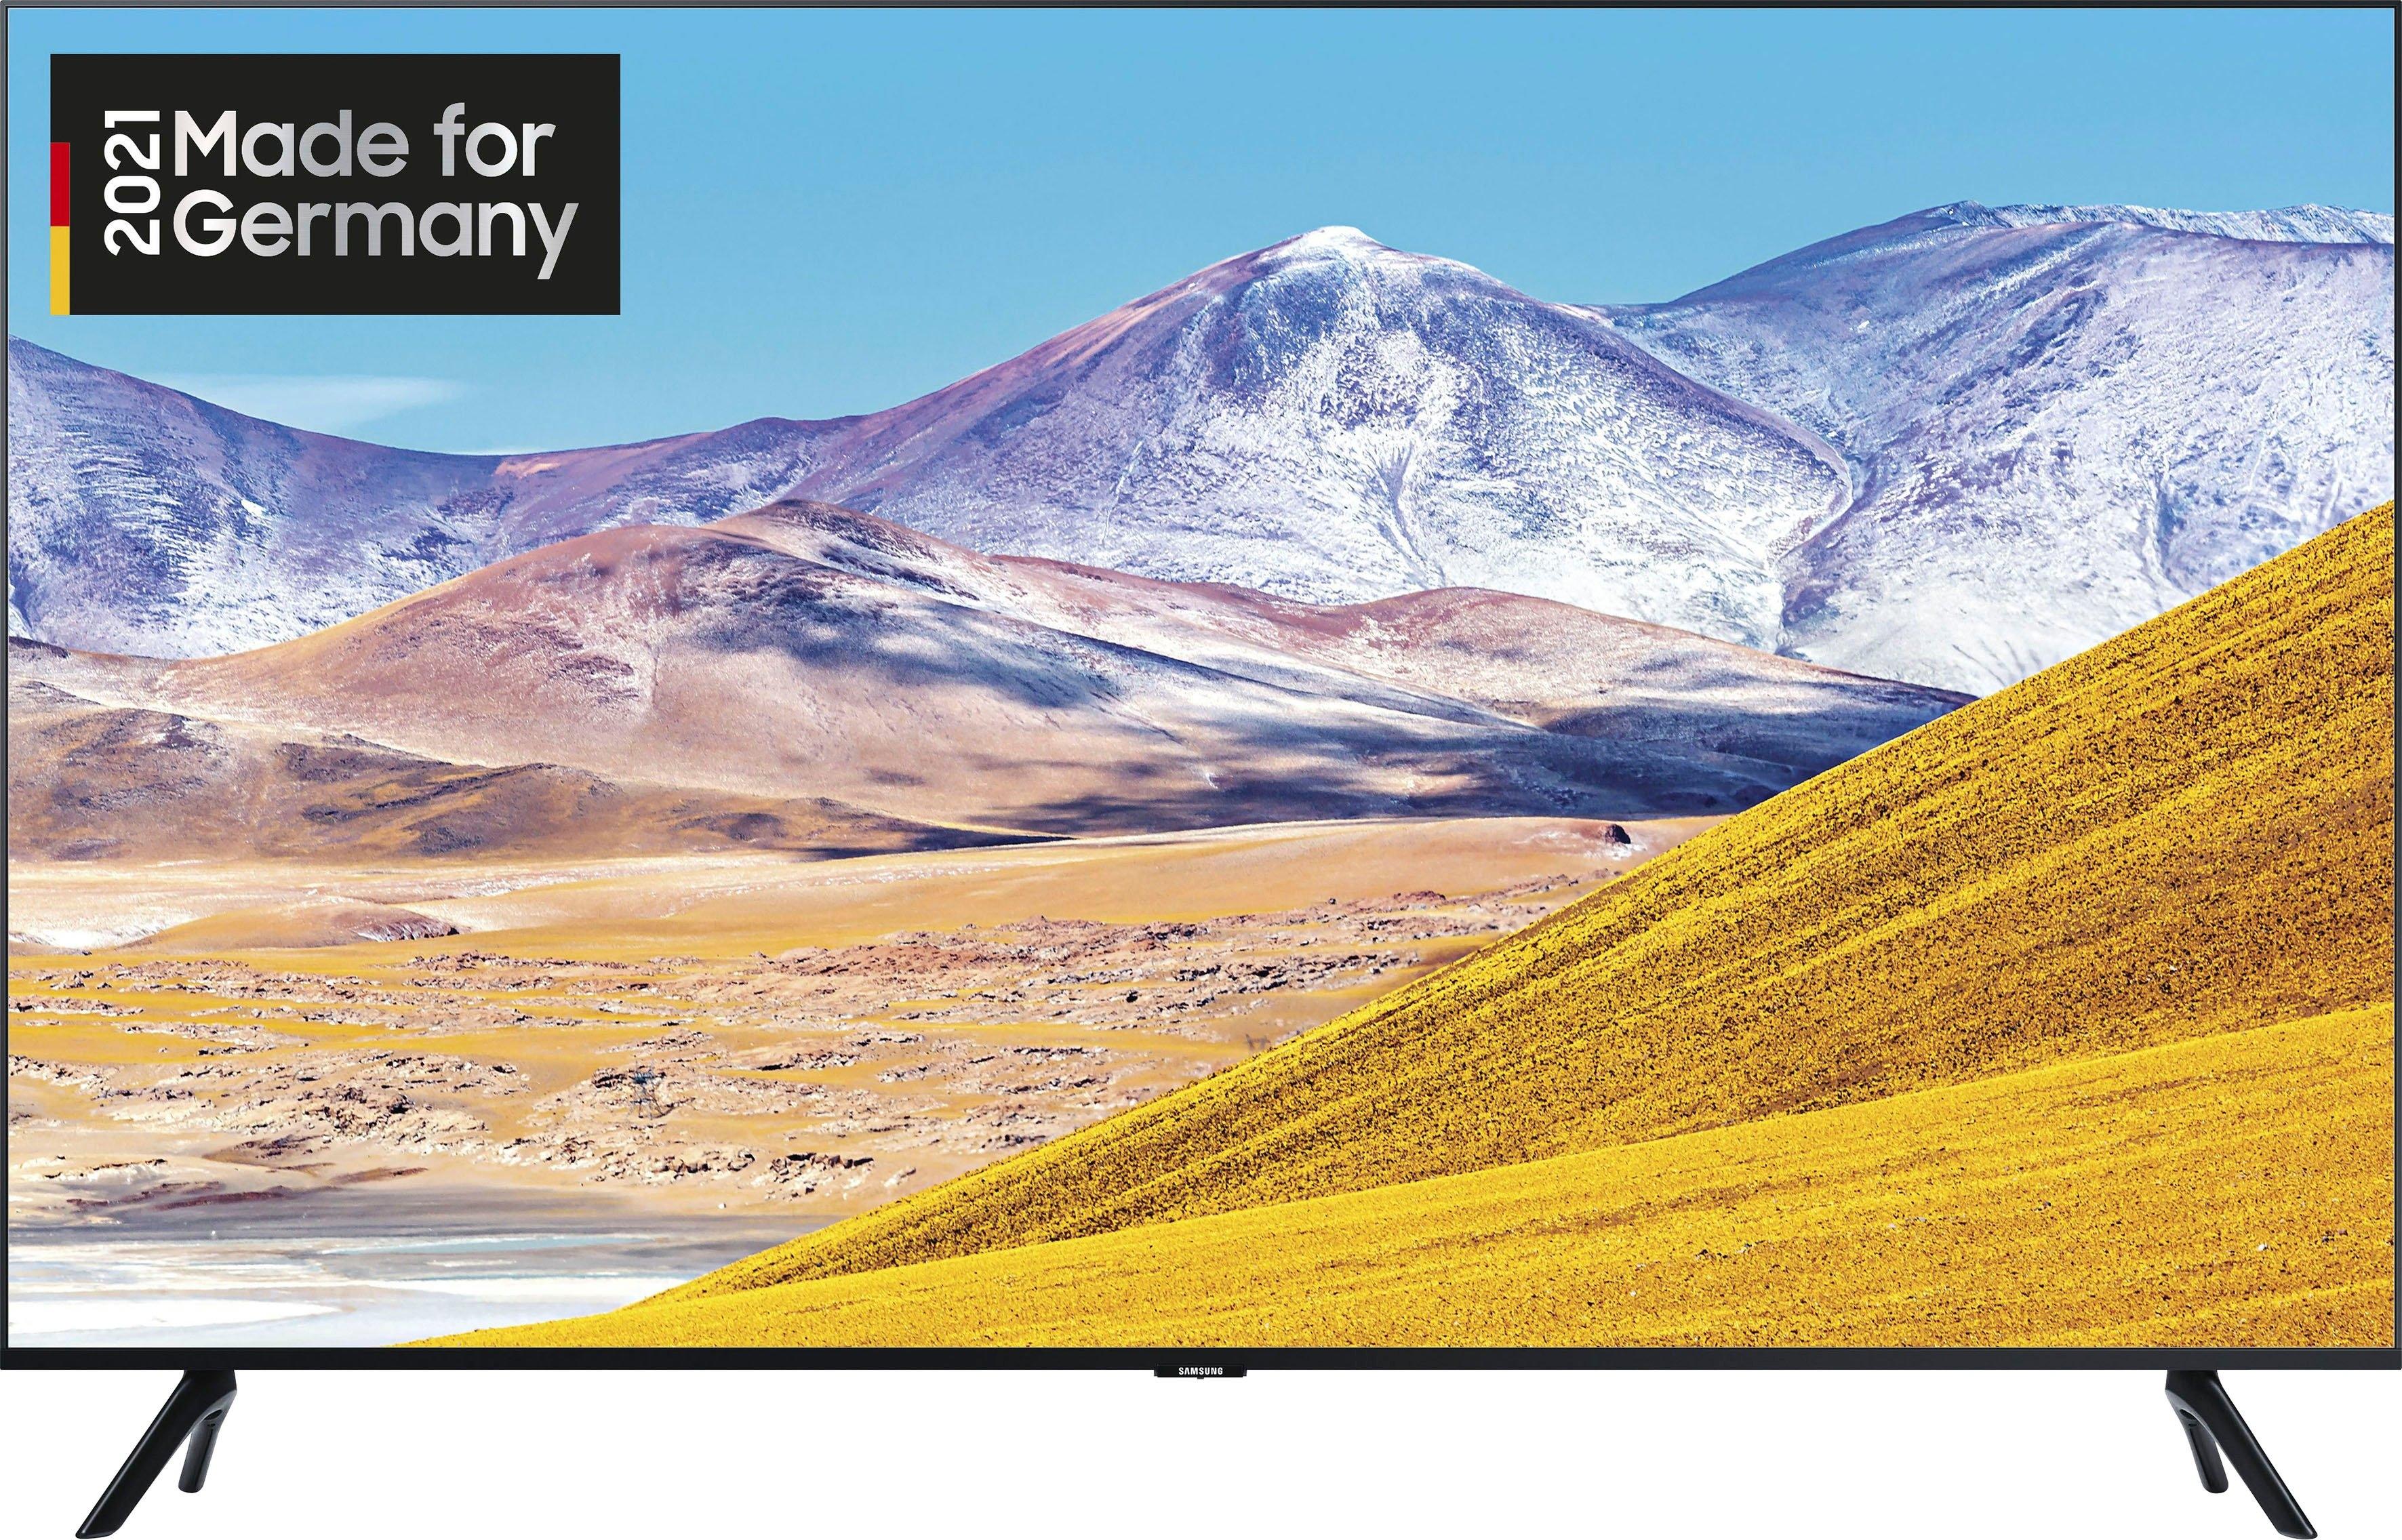 Samsung »GU50TU8079« LED-TV bestellen: 30 dagen bedenktijd